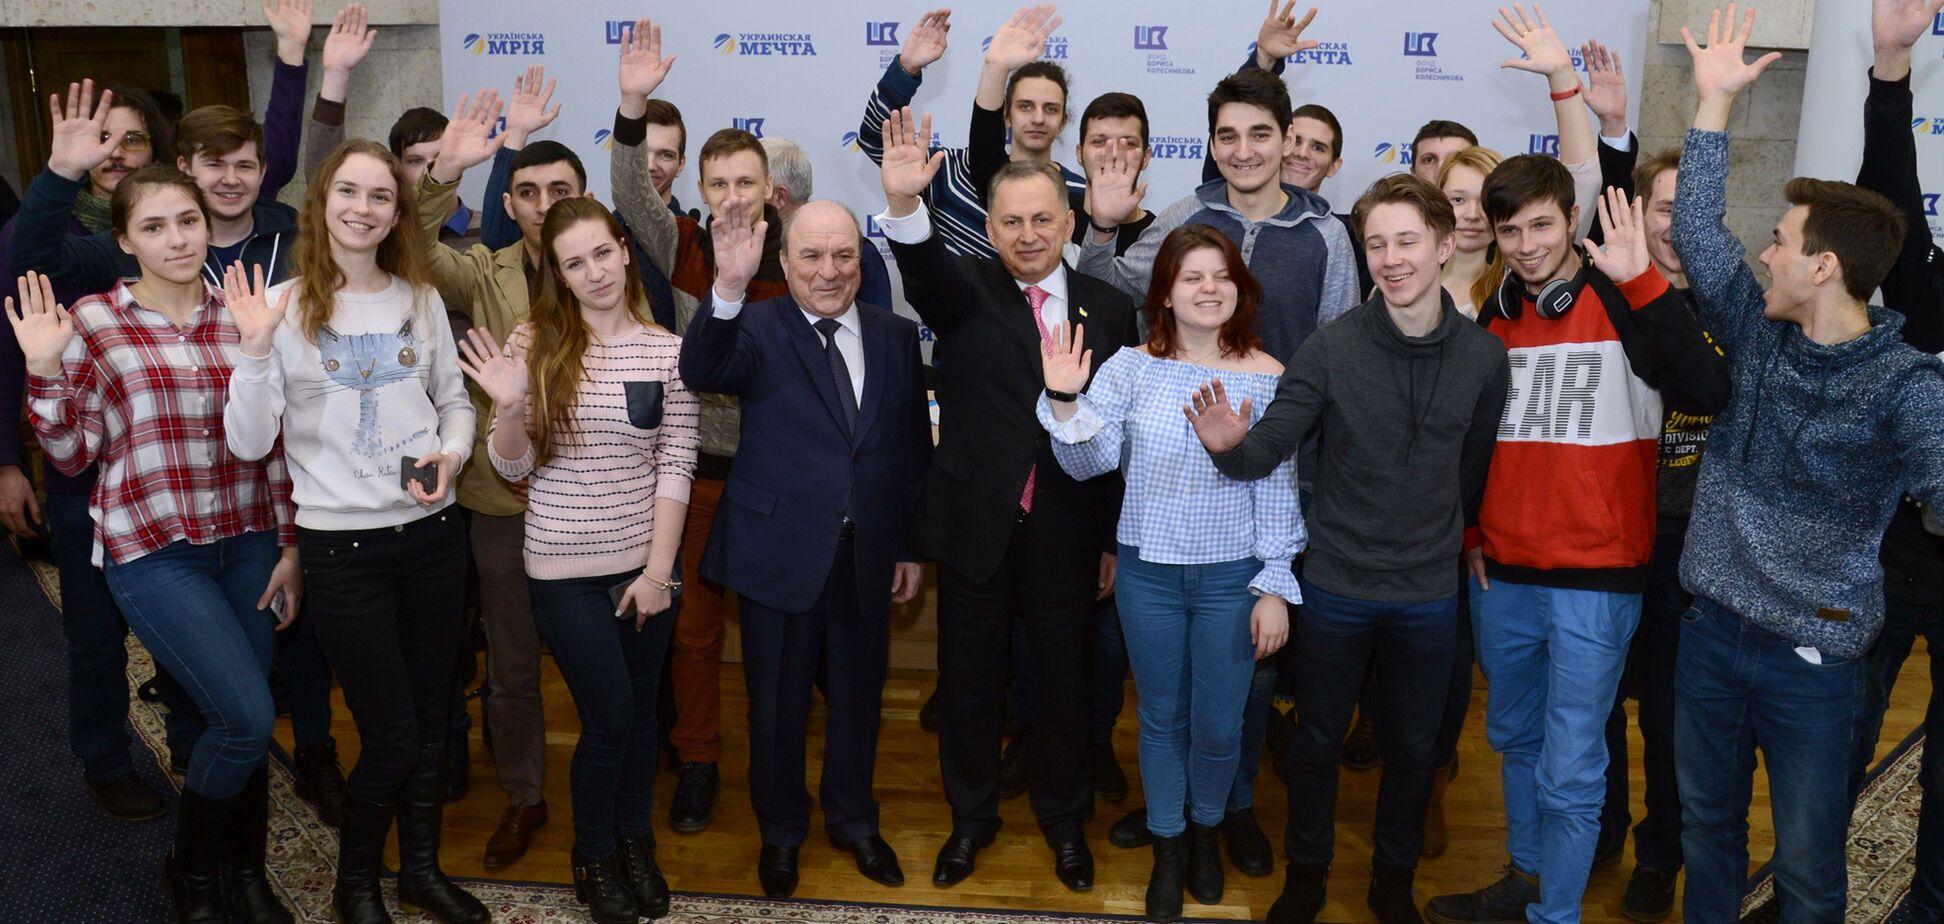 Сто молодых программистов Украины борются за поездку в Японию в престижном конкурсе